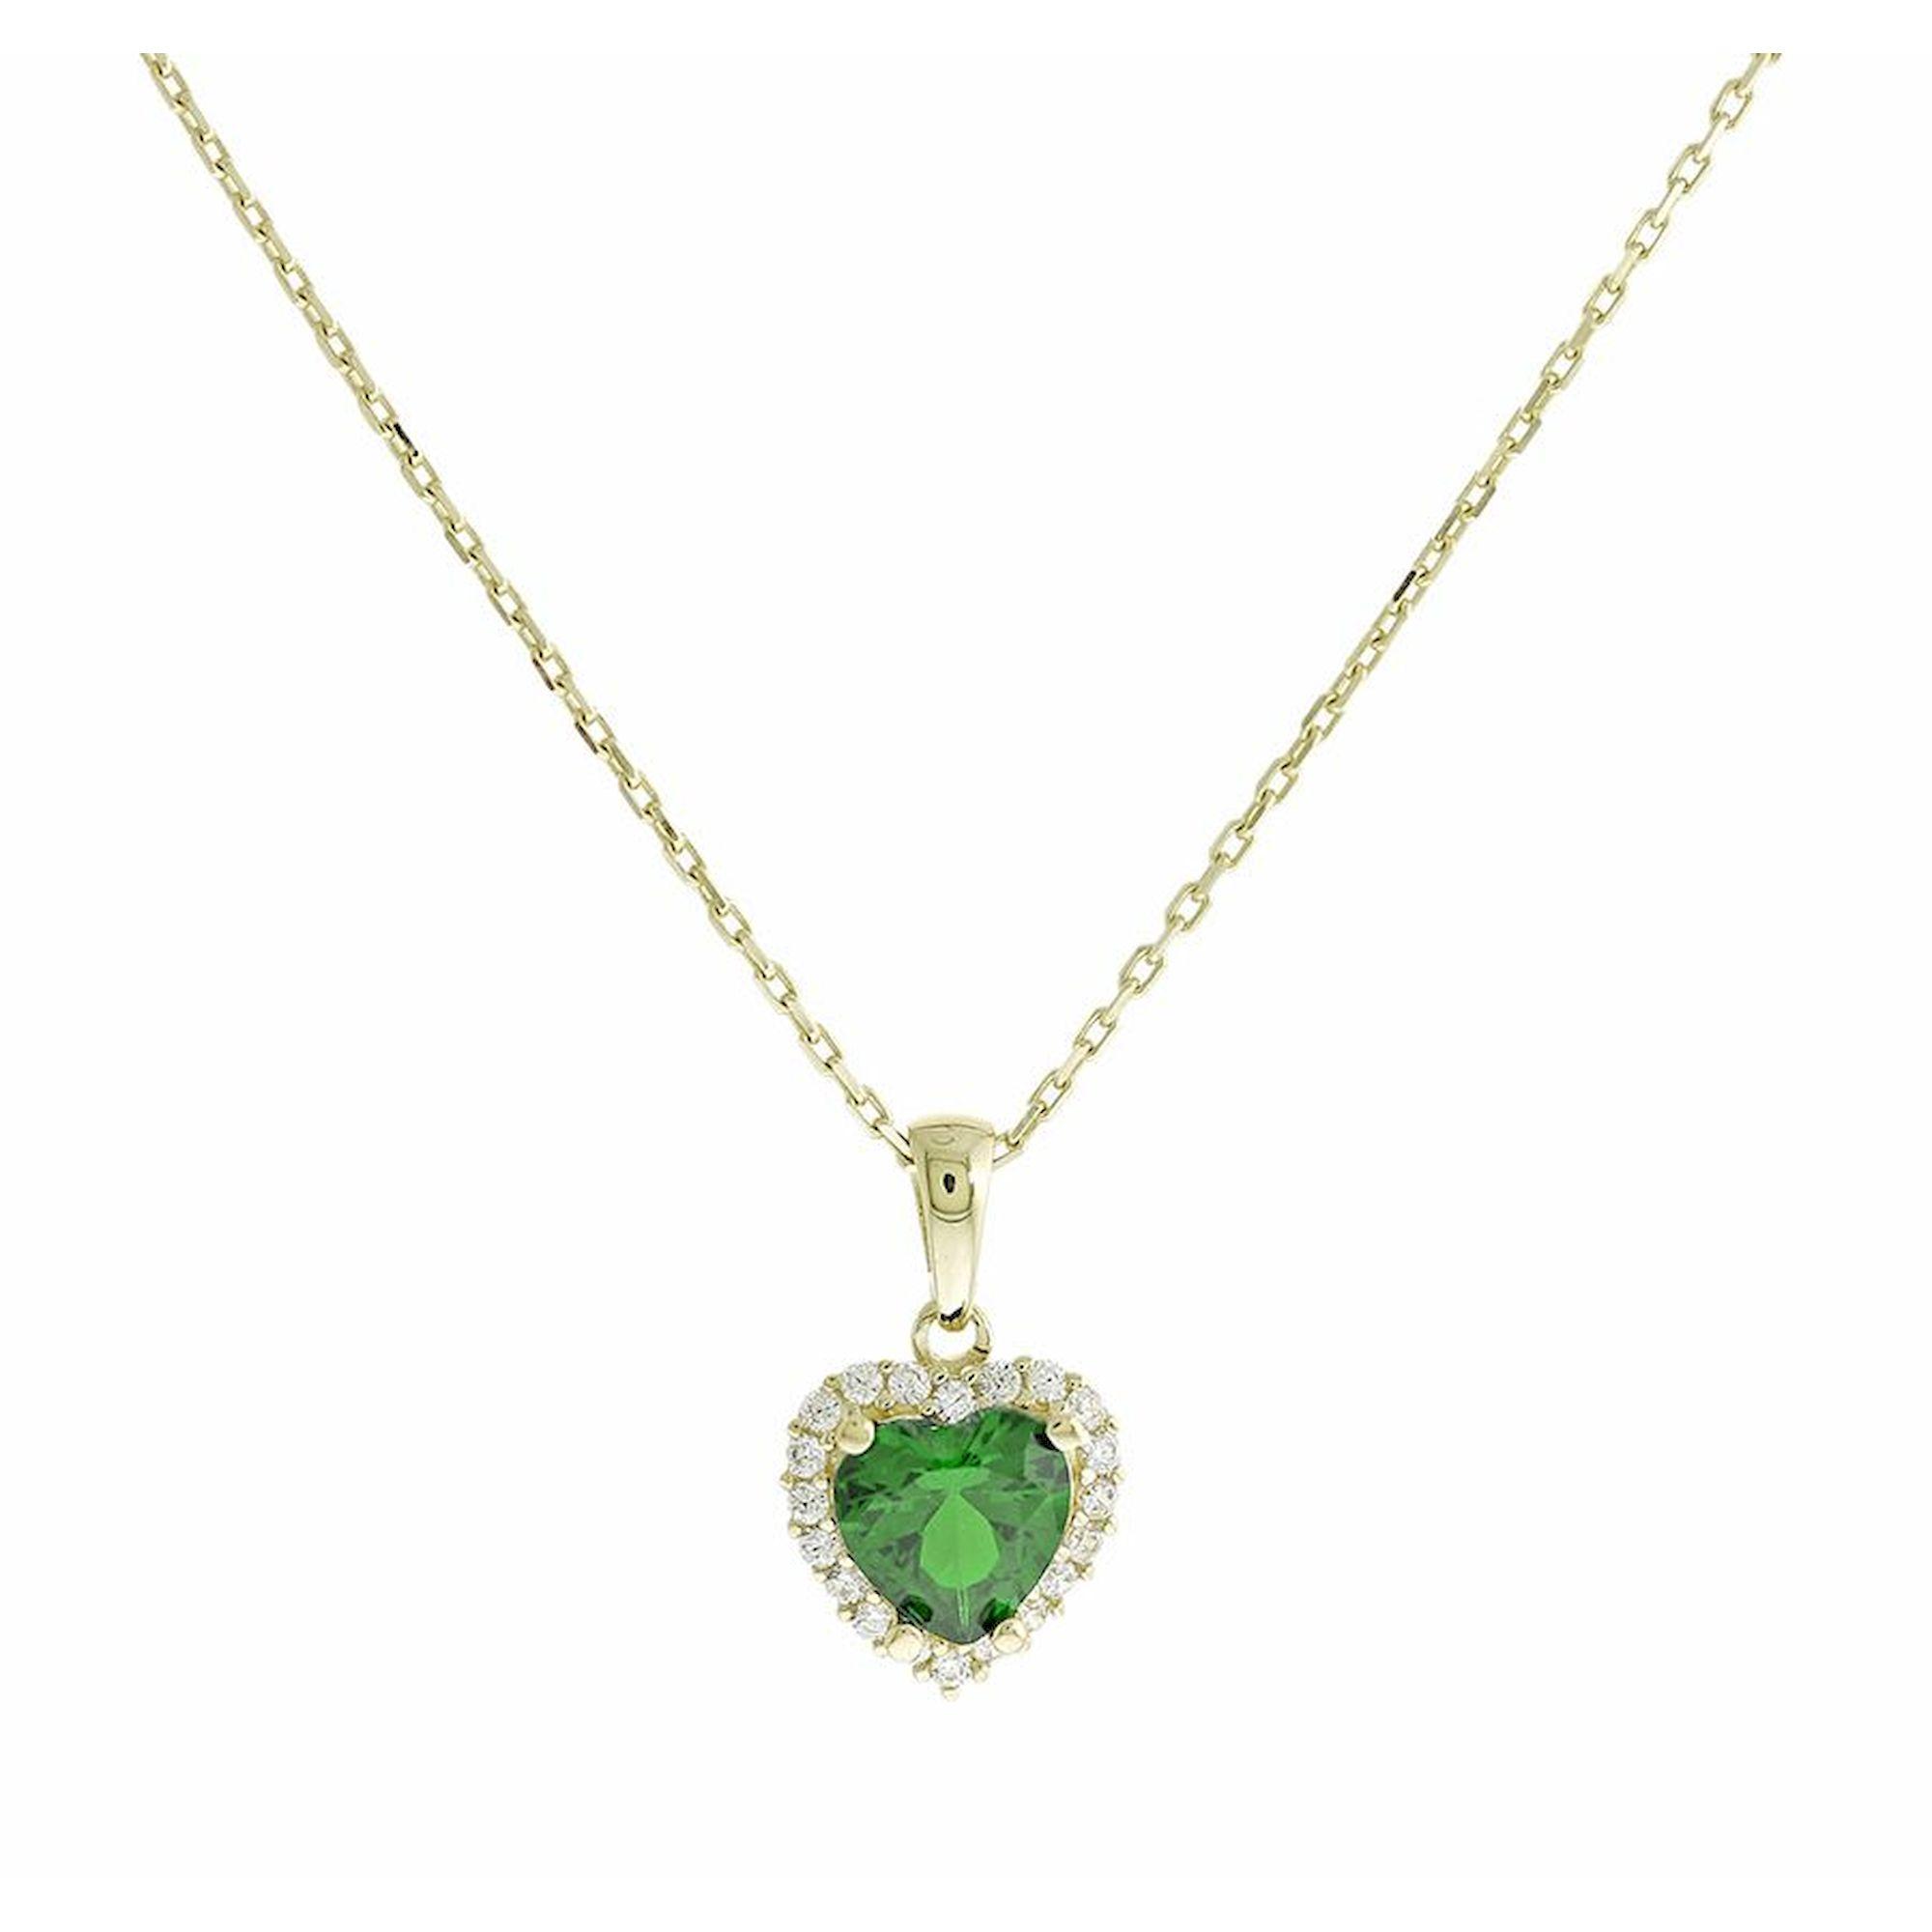 Κολιέ Κ14 Ροζέτα με Πράσινη Πέτρα σε Σχήμα Καρδιάς